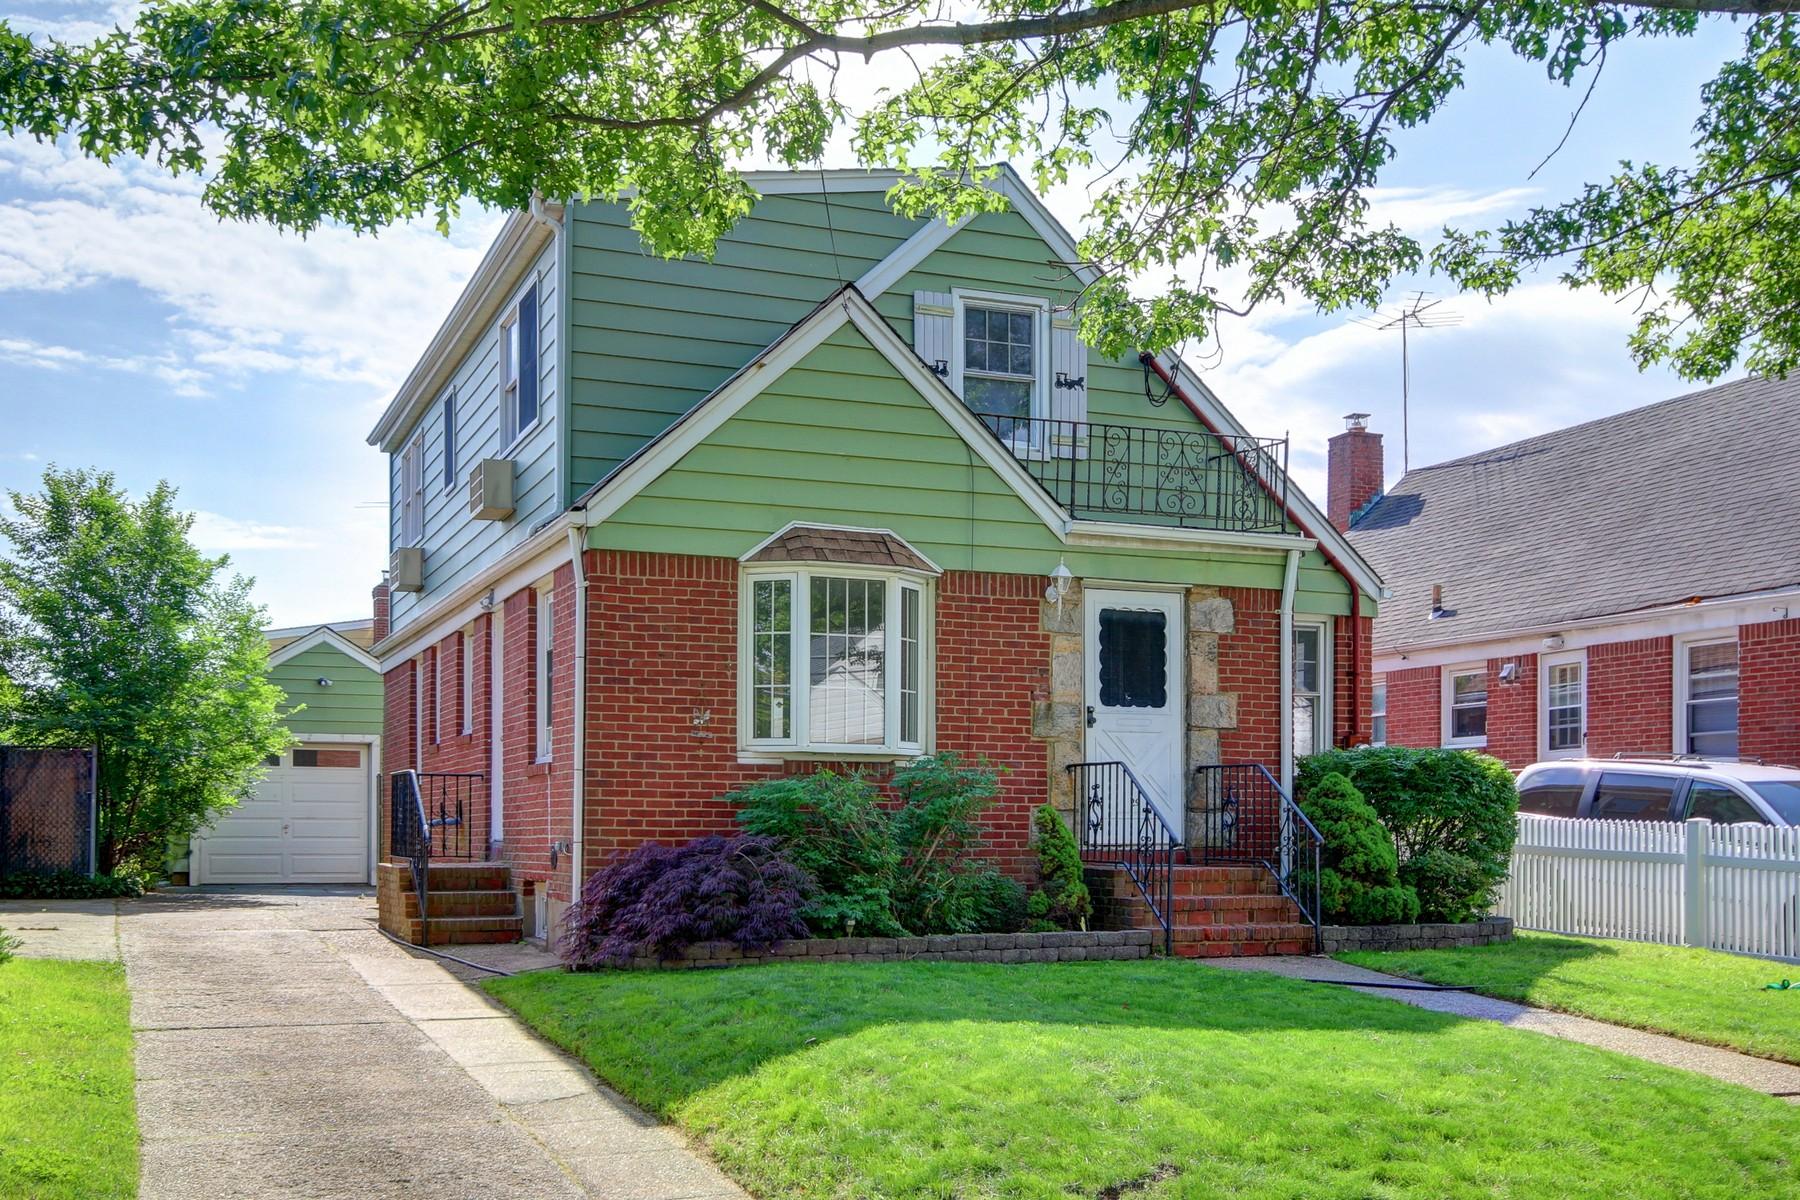 独户住宅 为 销售 在 Cape 29 Haven Ave 瓦利斯特里姆, 纽约州, 11580 美国